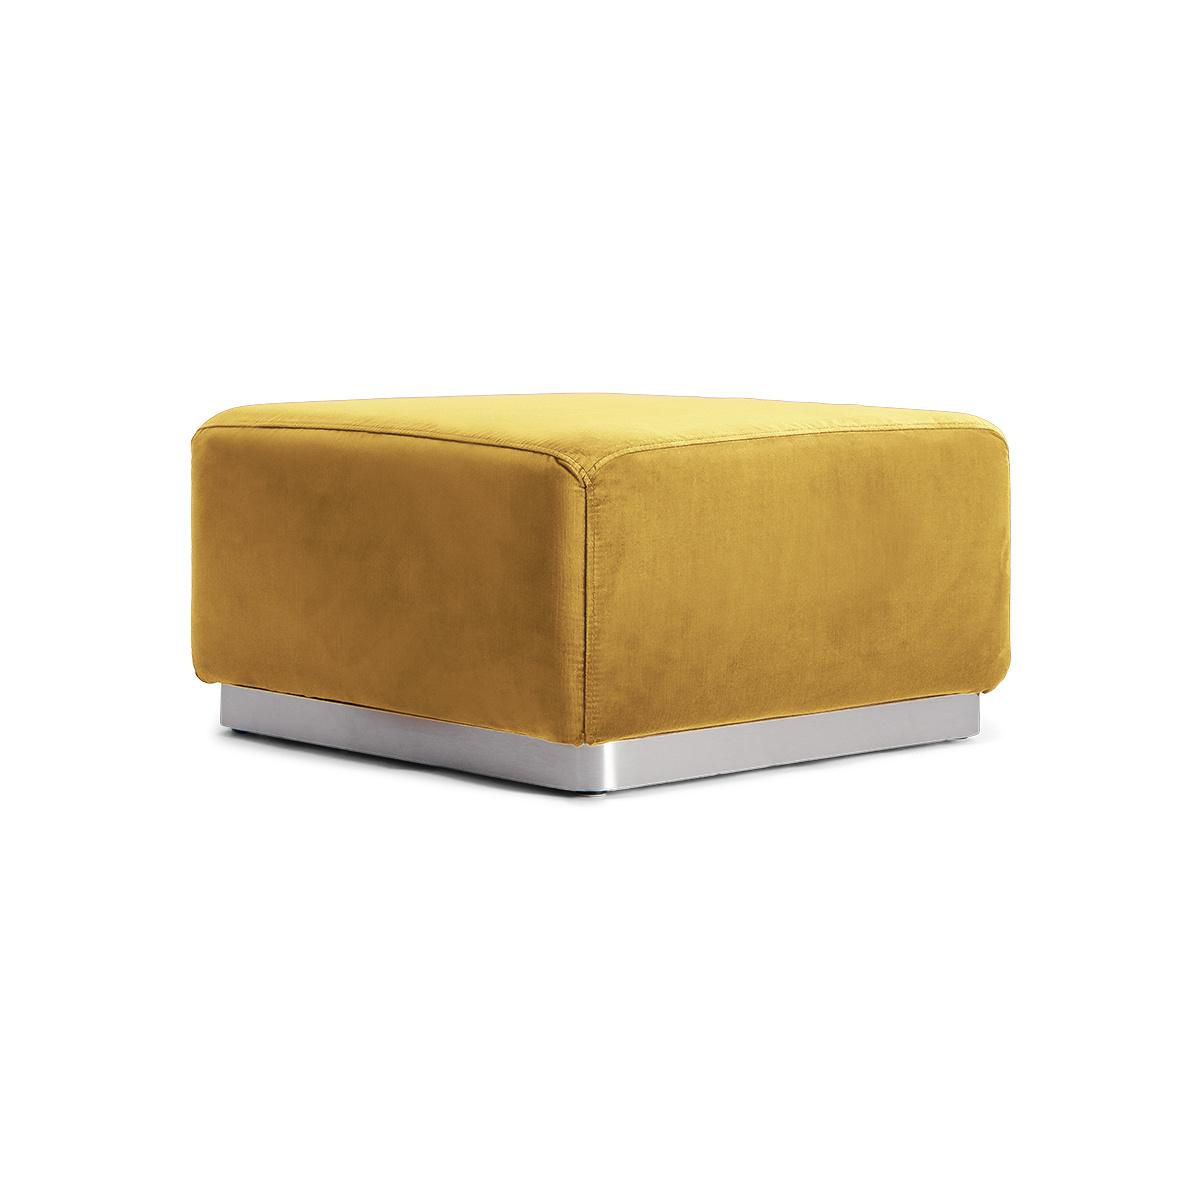 Rotondo Footstool in Mustard Velvet